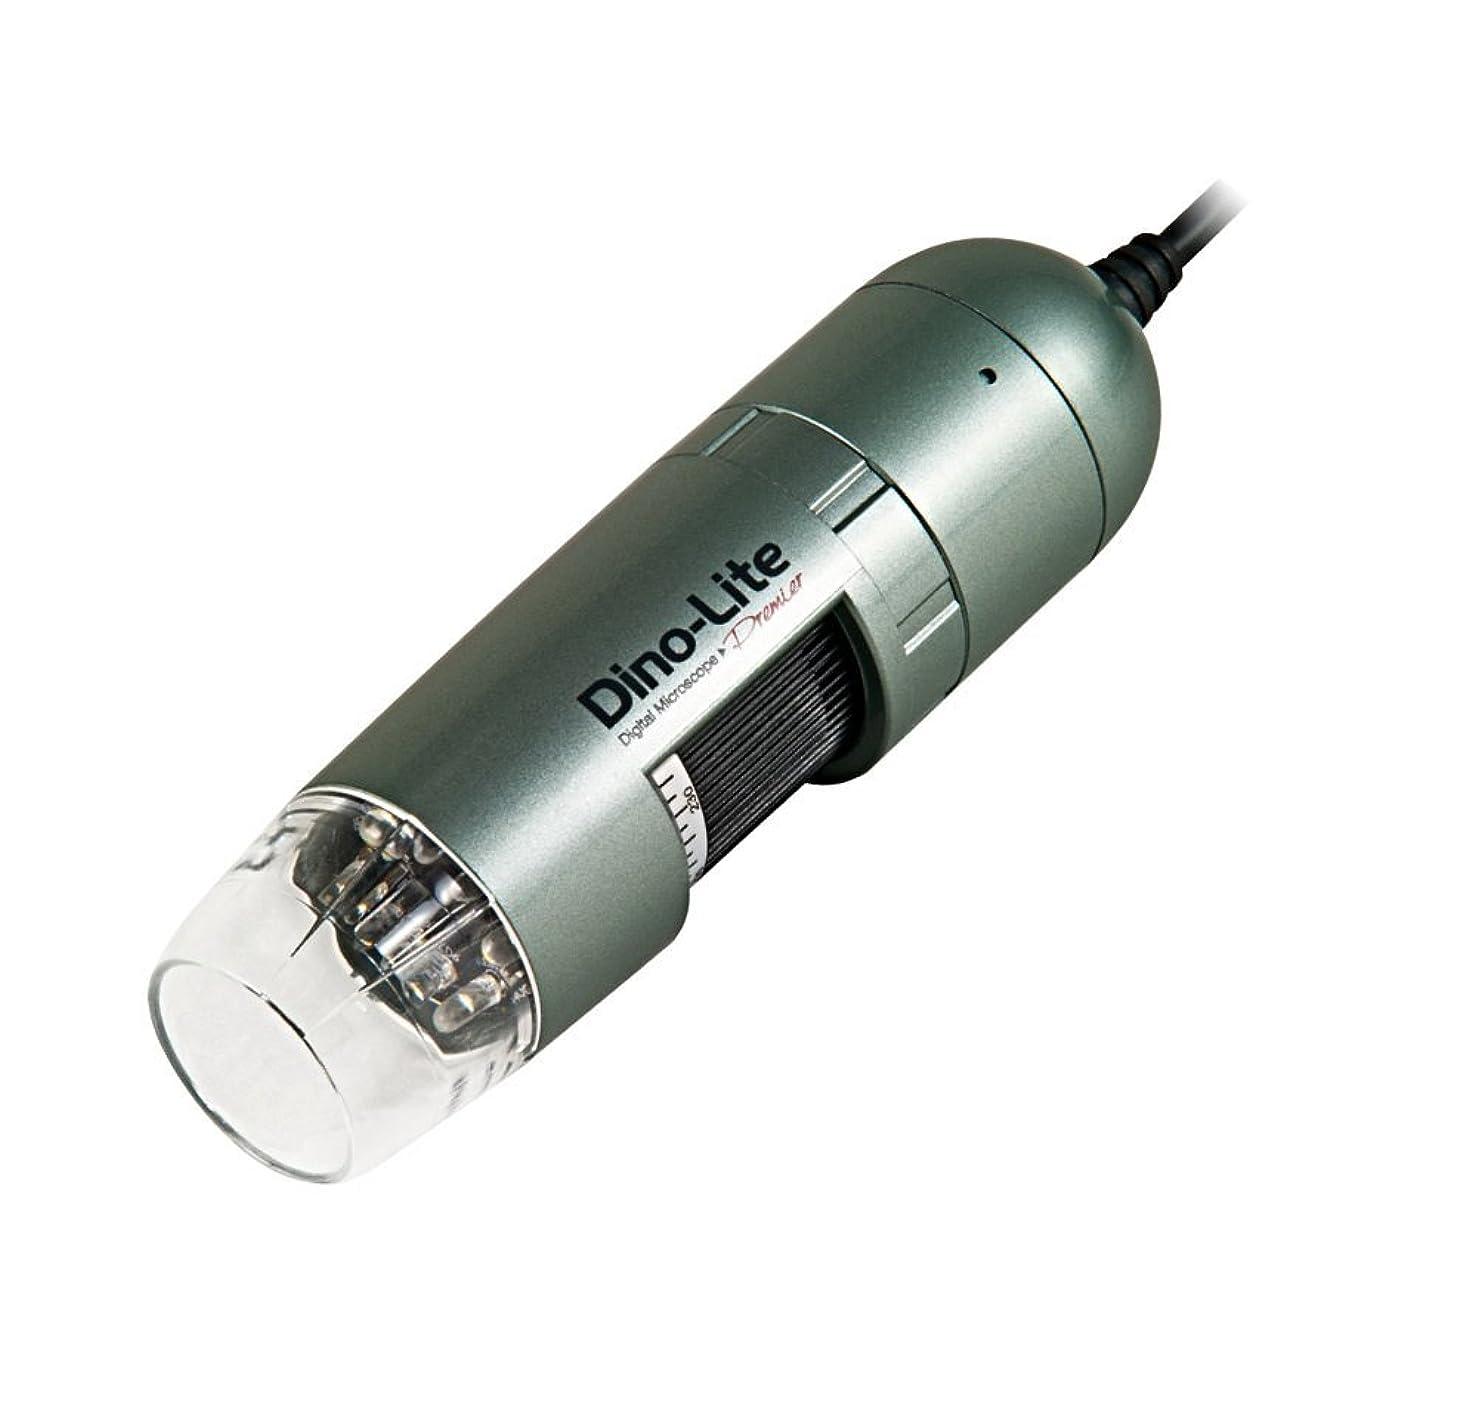 ミリメータークラウド豊富にDino - Lite am3113-10?x - 50?X、230?x?–?ハンドヘルドデジタル顕微鏡?–?640?x 480ピクセル?–?測定ソフトウェア?–?8統合LEDライト